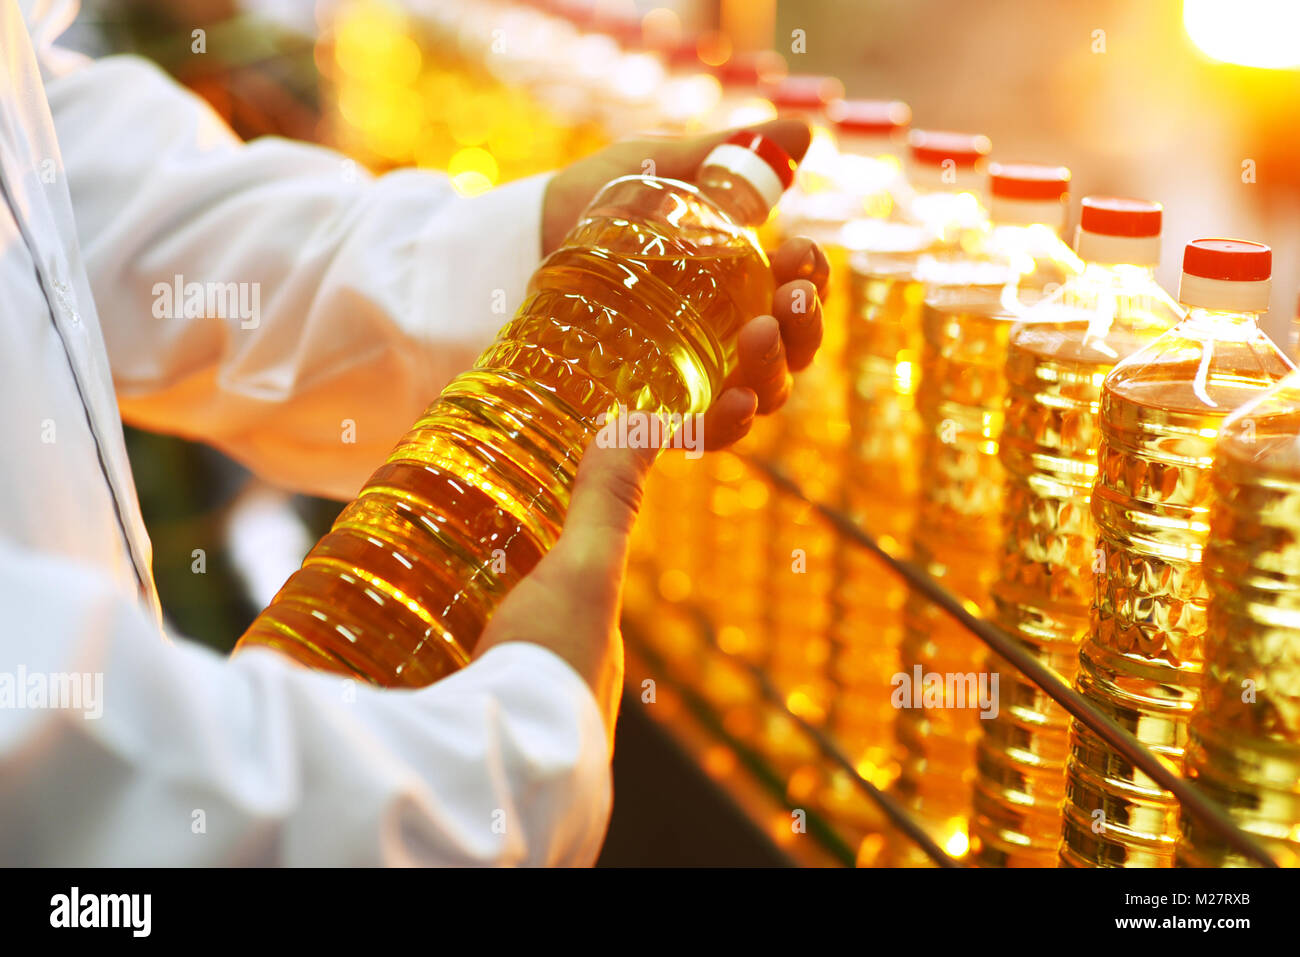 Sunflower oil production plant. Bottling line of vegetable oil in bottles - Stock Image